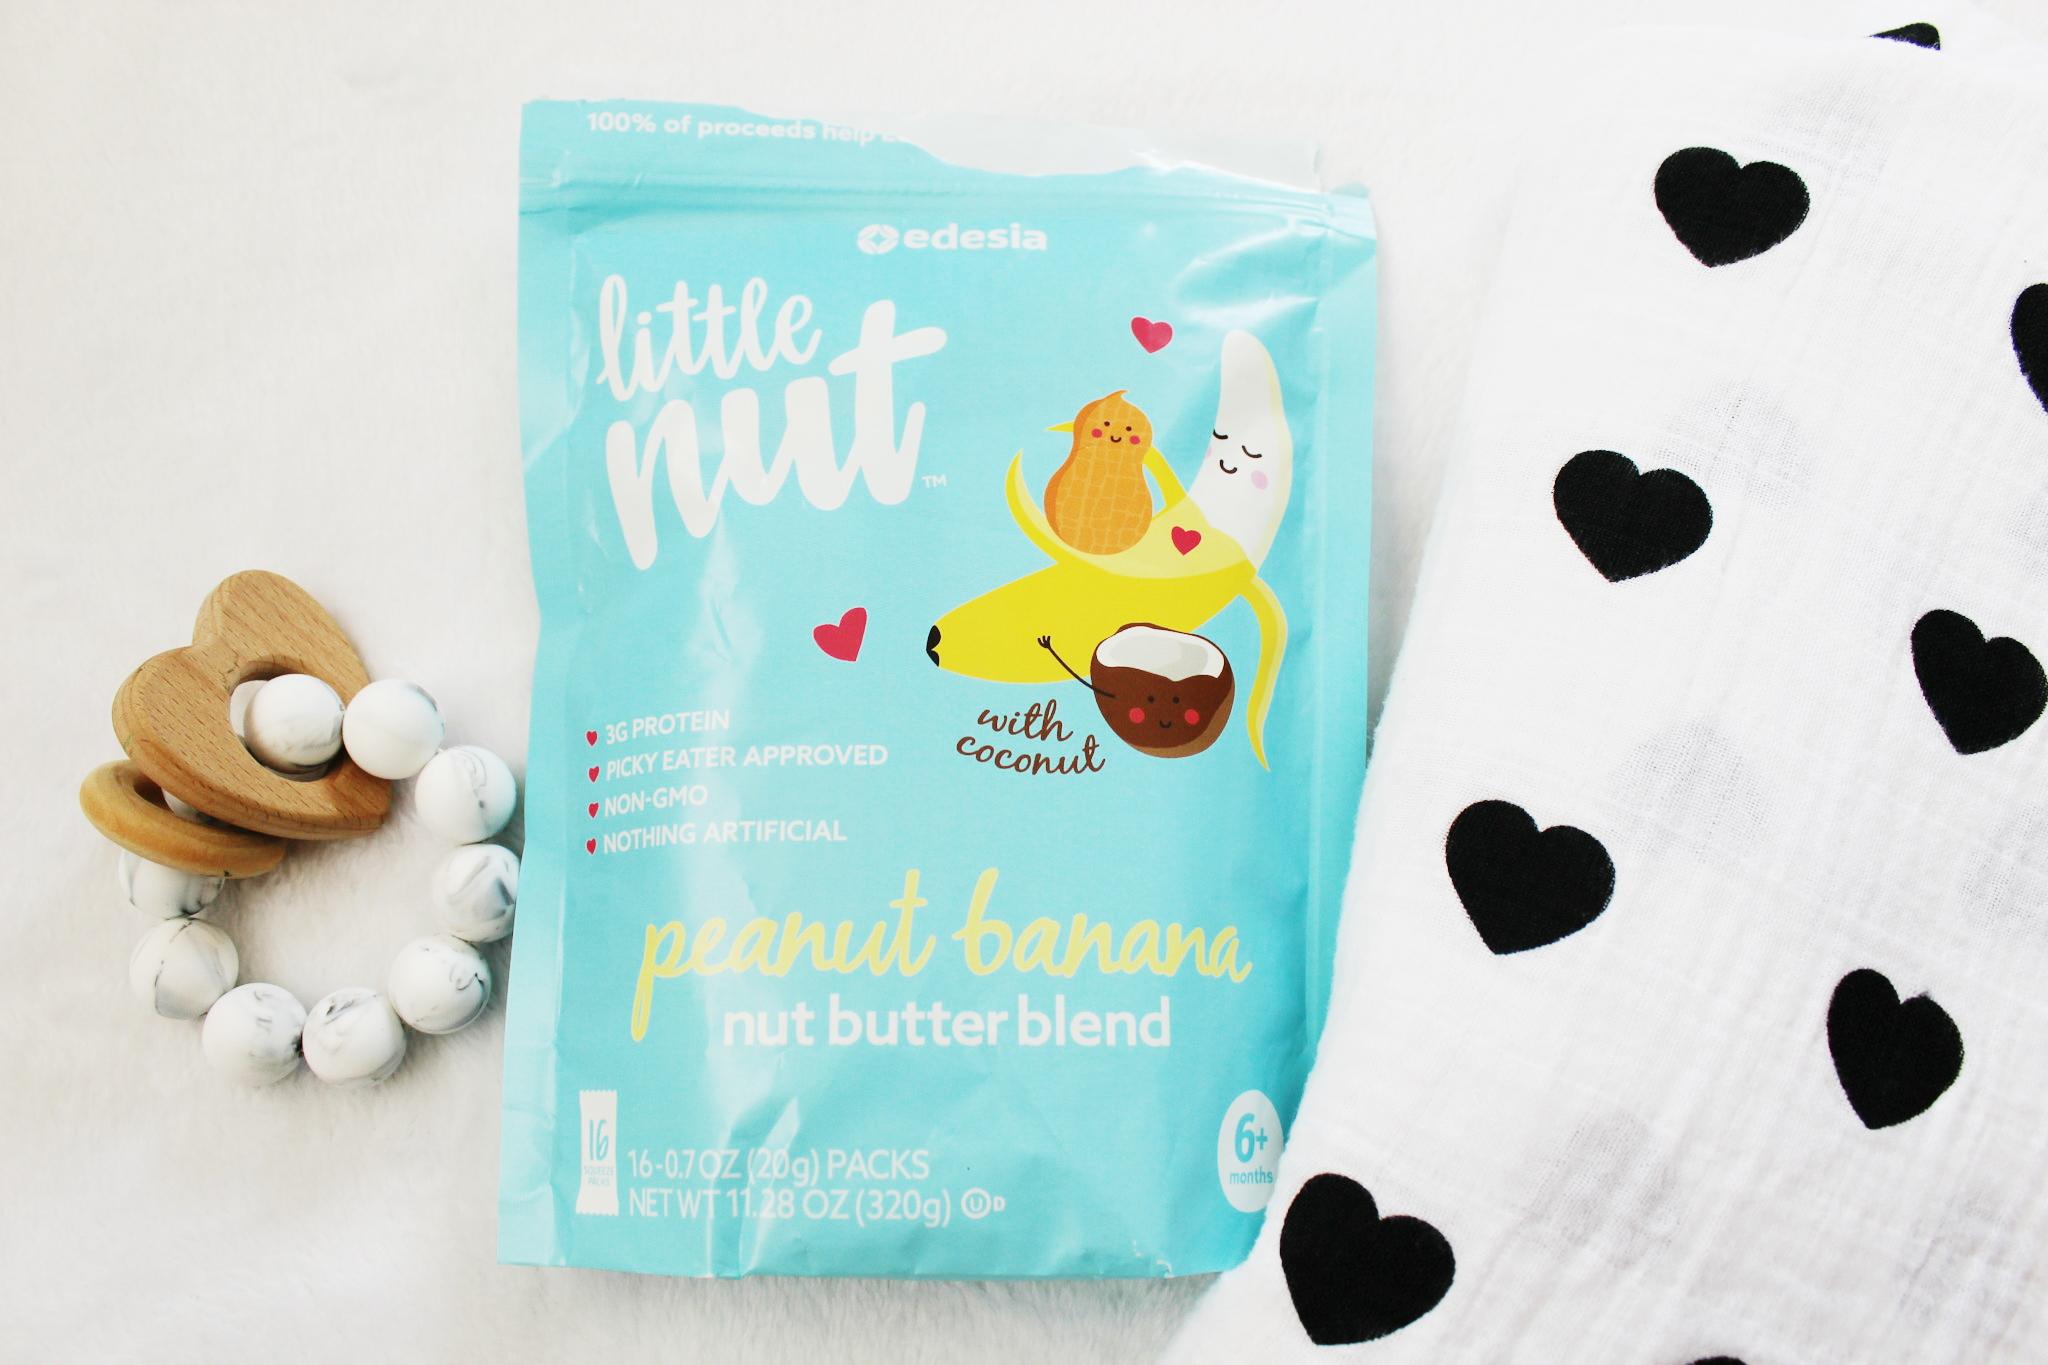 Little Nut Peanut Butter Nut Butter Blend